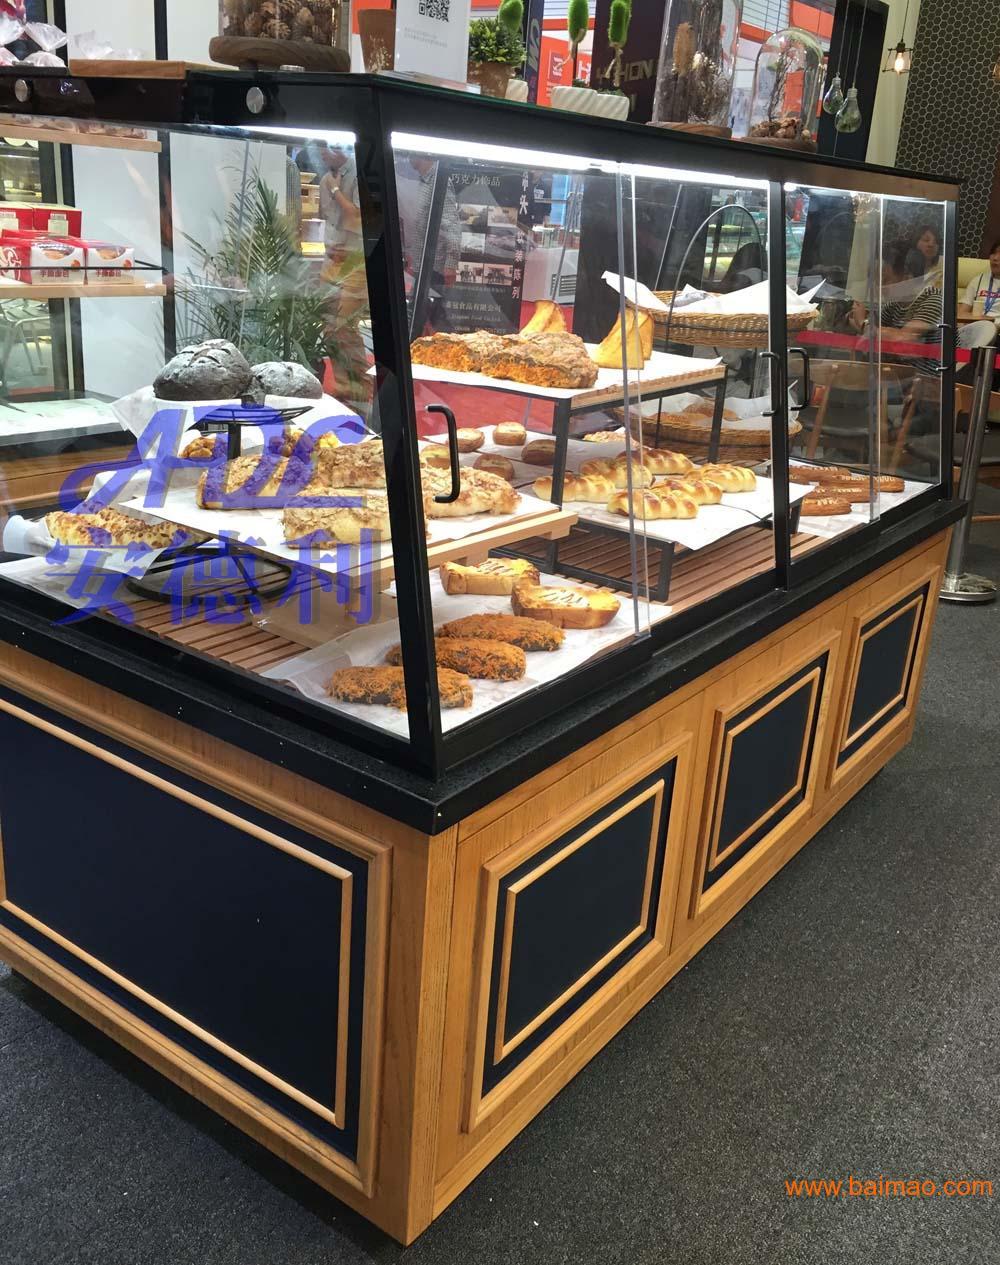 厂家直销面包移门中岛柜 面包柜 面包展示柜 面包柜厂家 面包柜价格